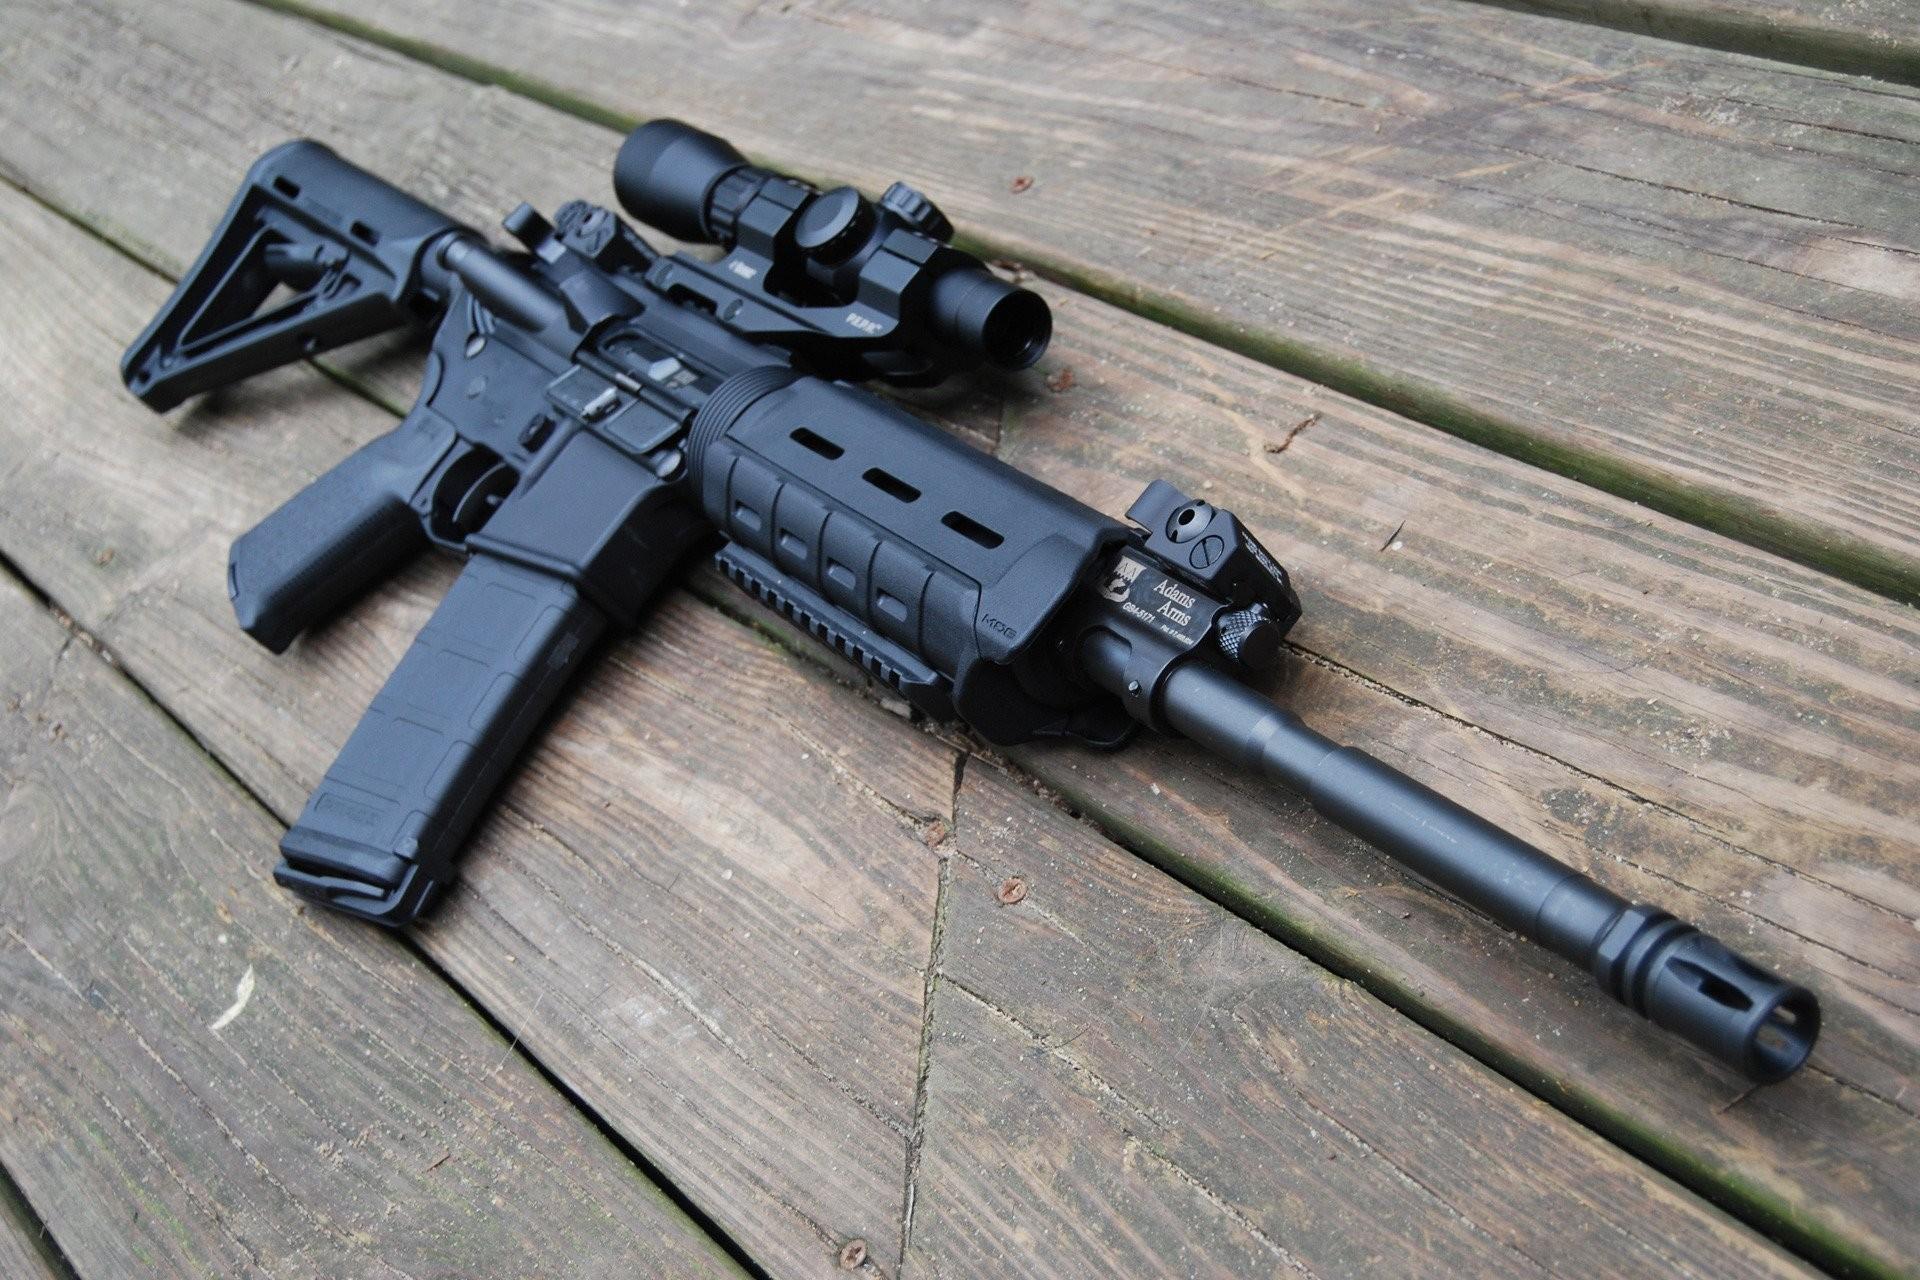 m4 assault rifle assault rifle hd wallpaper machine ar-15 optics board